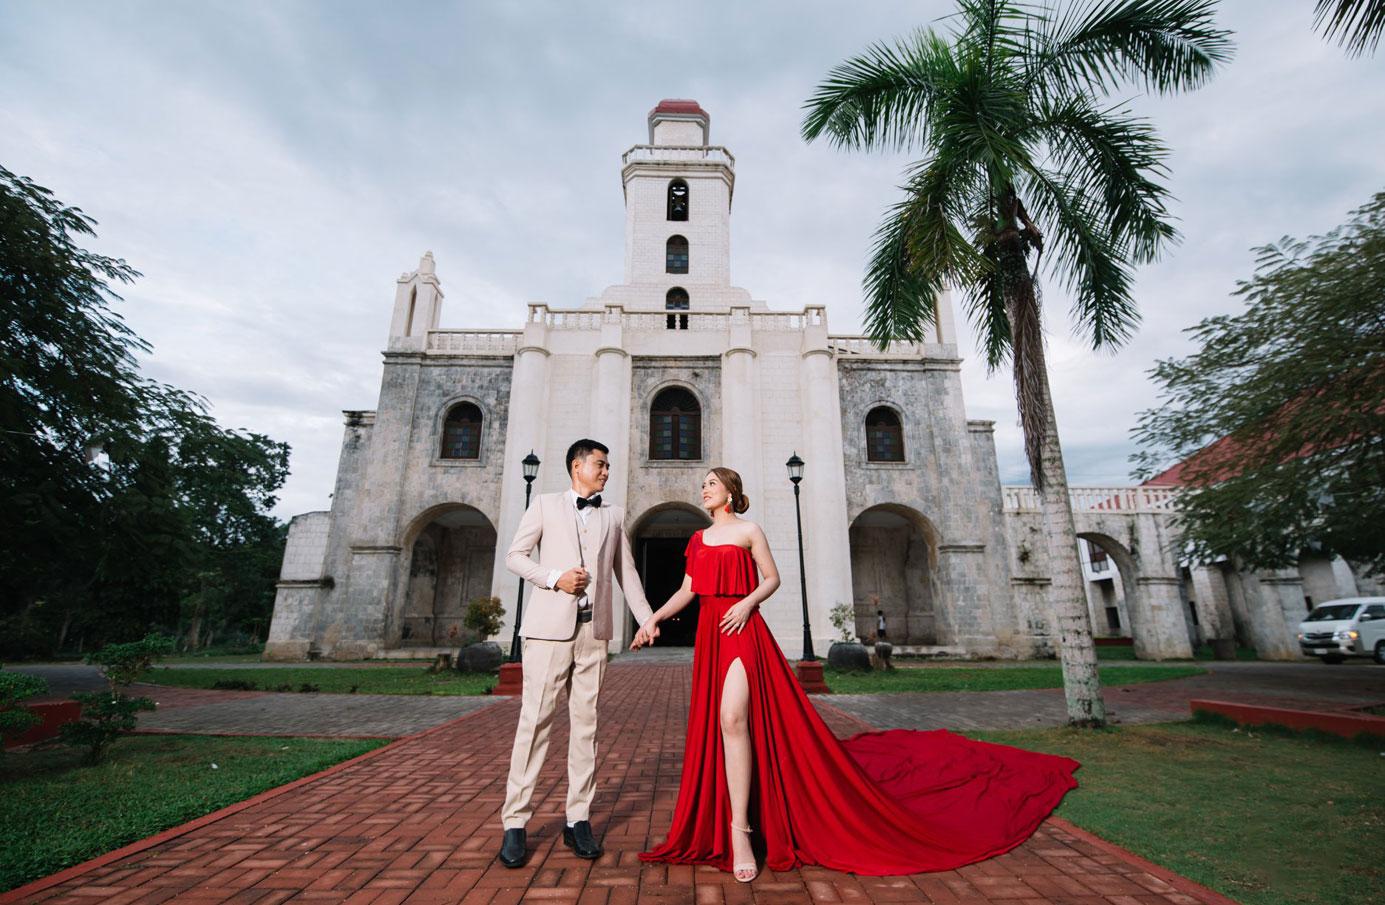 bohol-wedding-photo (4)